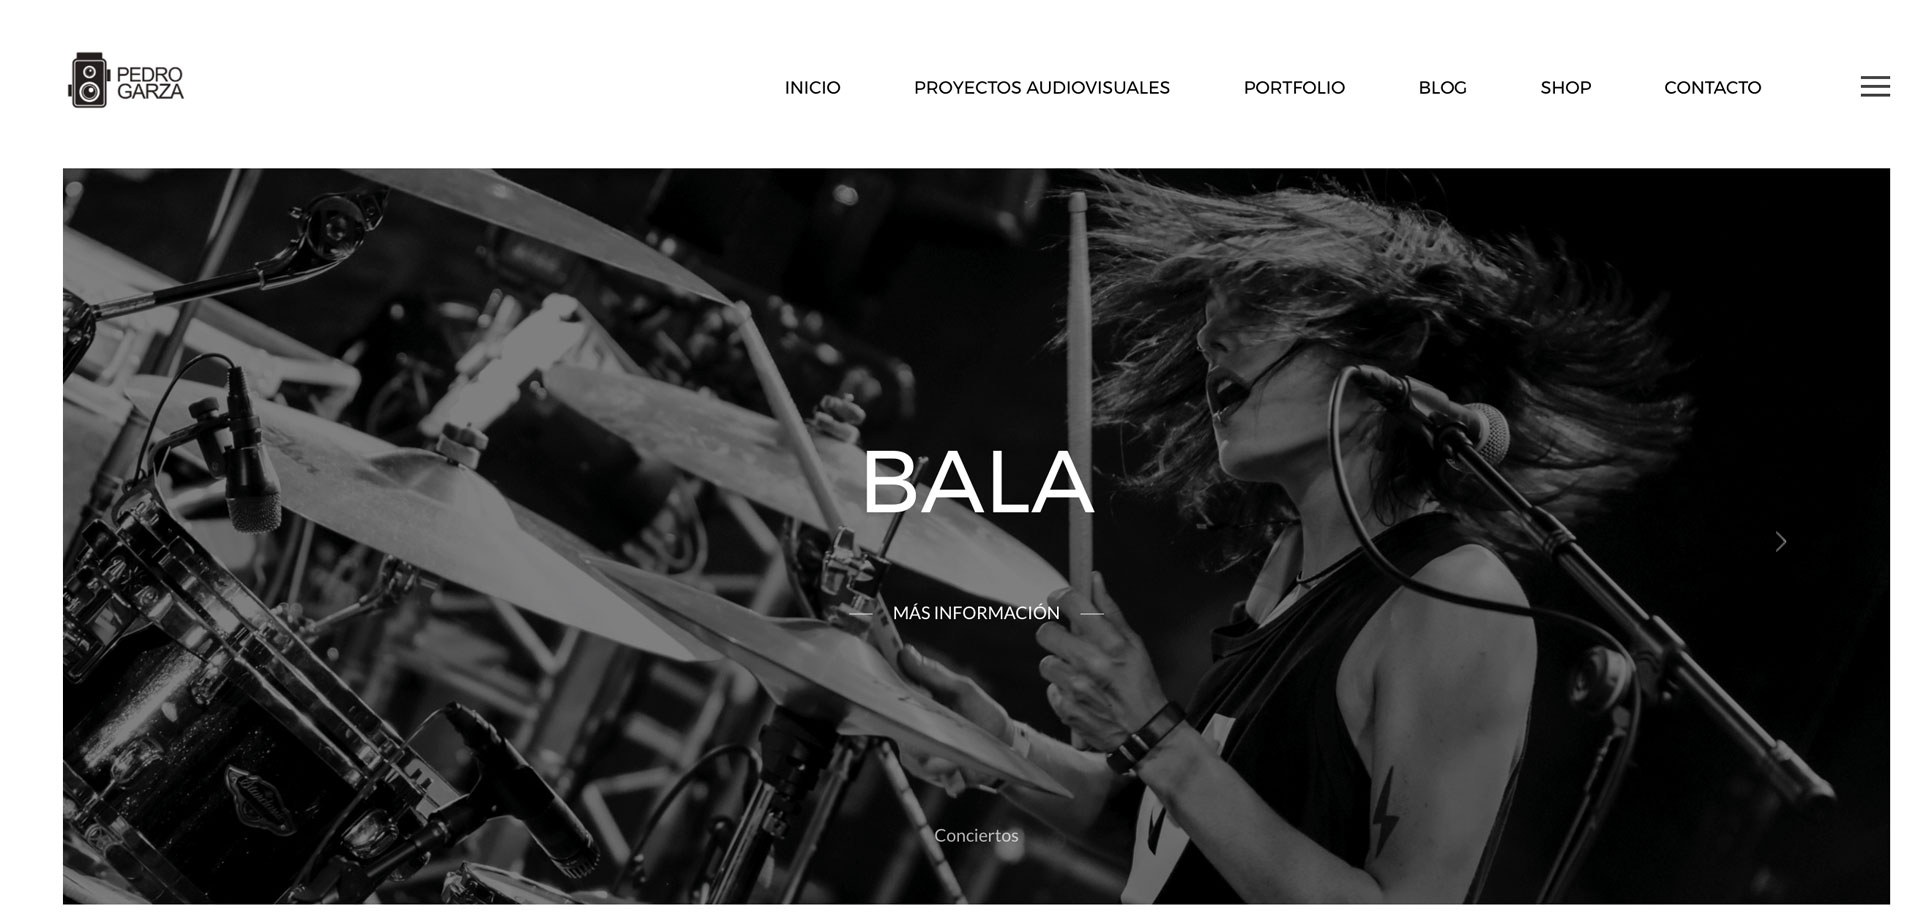 web corporativa de fotógrafo pedro garza audiovisuales en Lugo